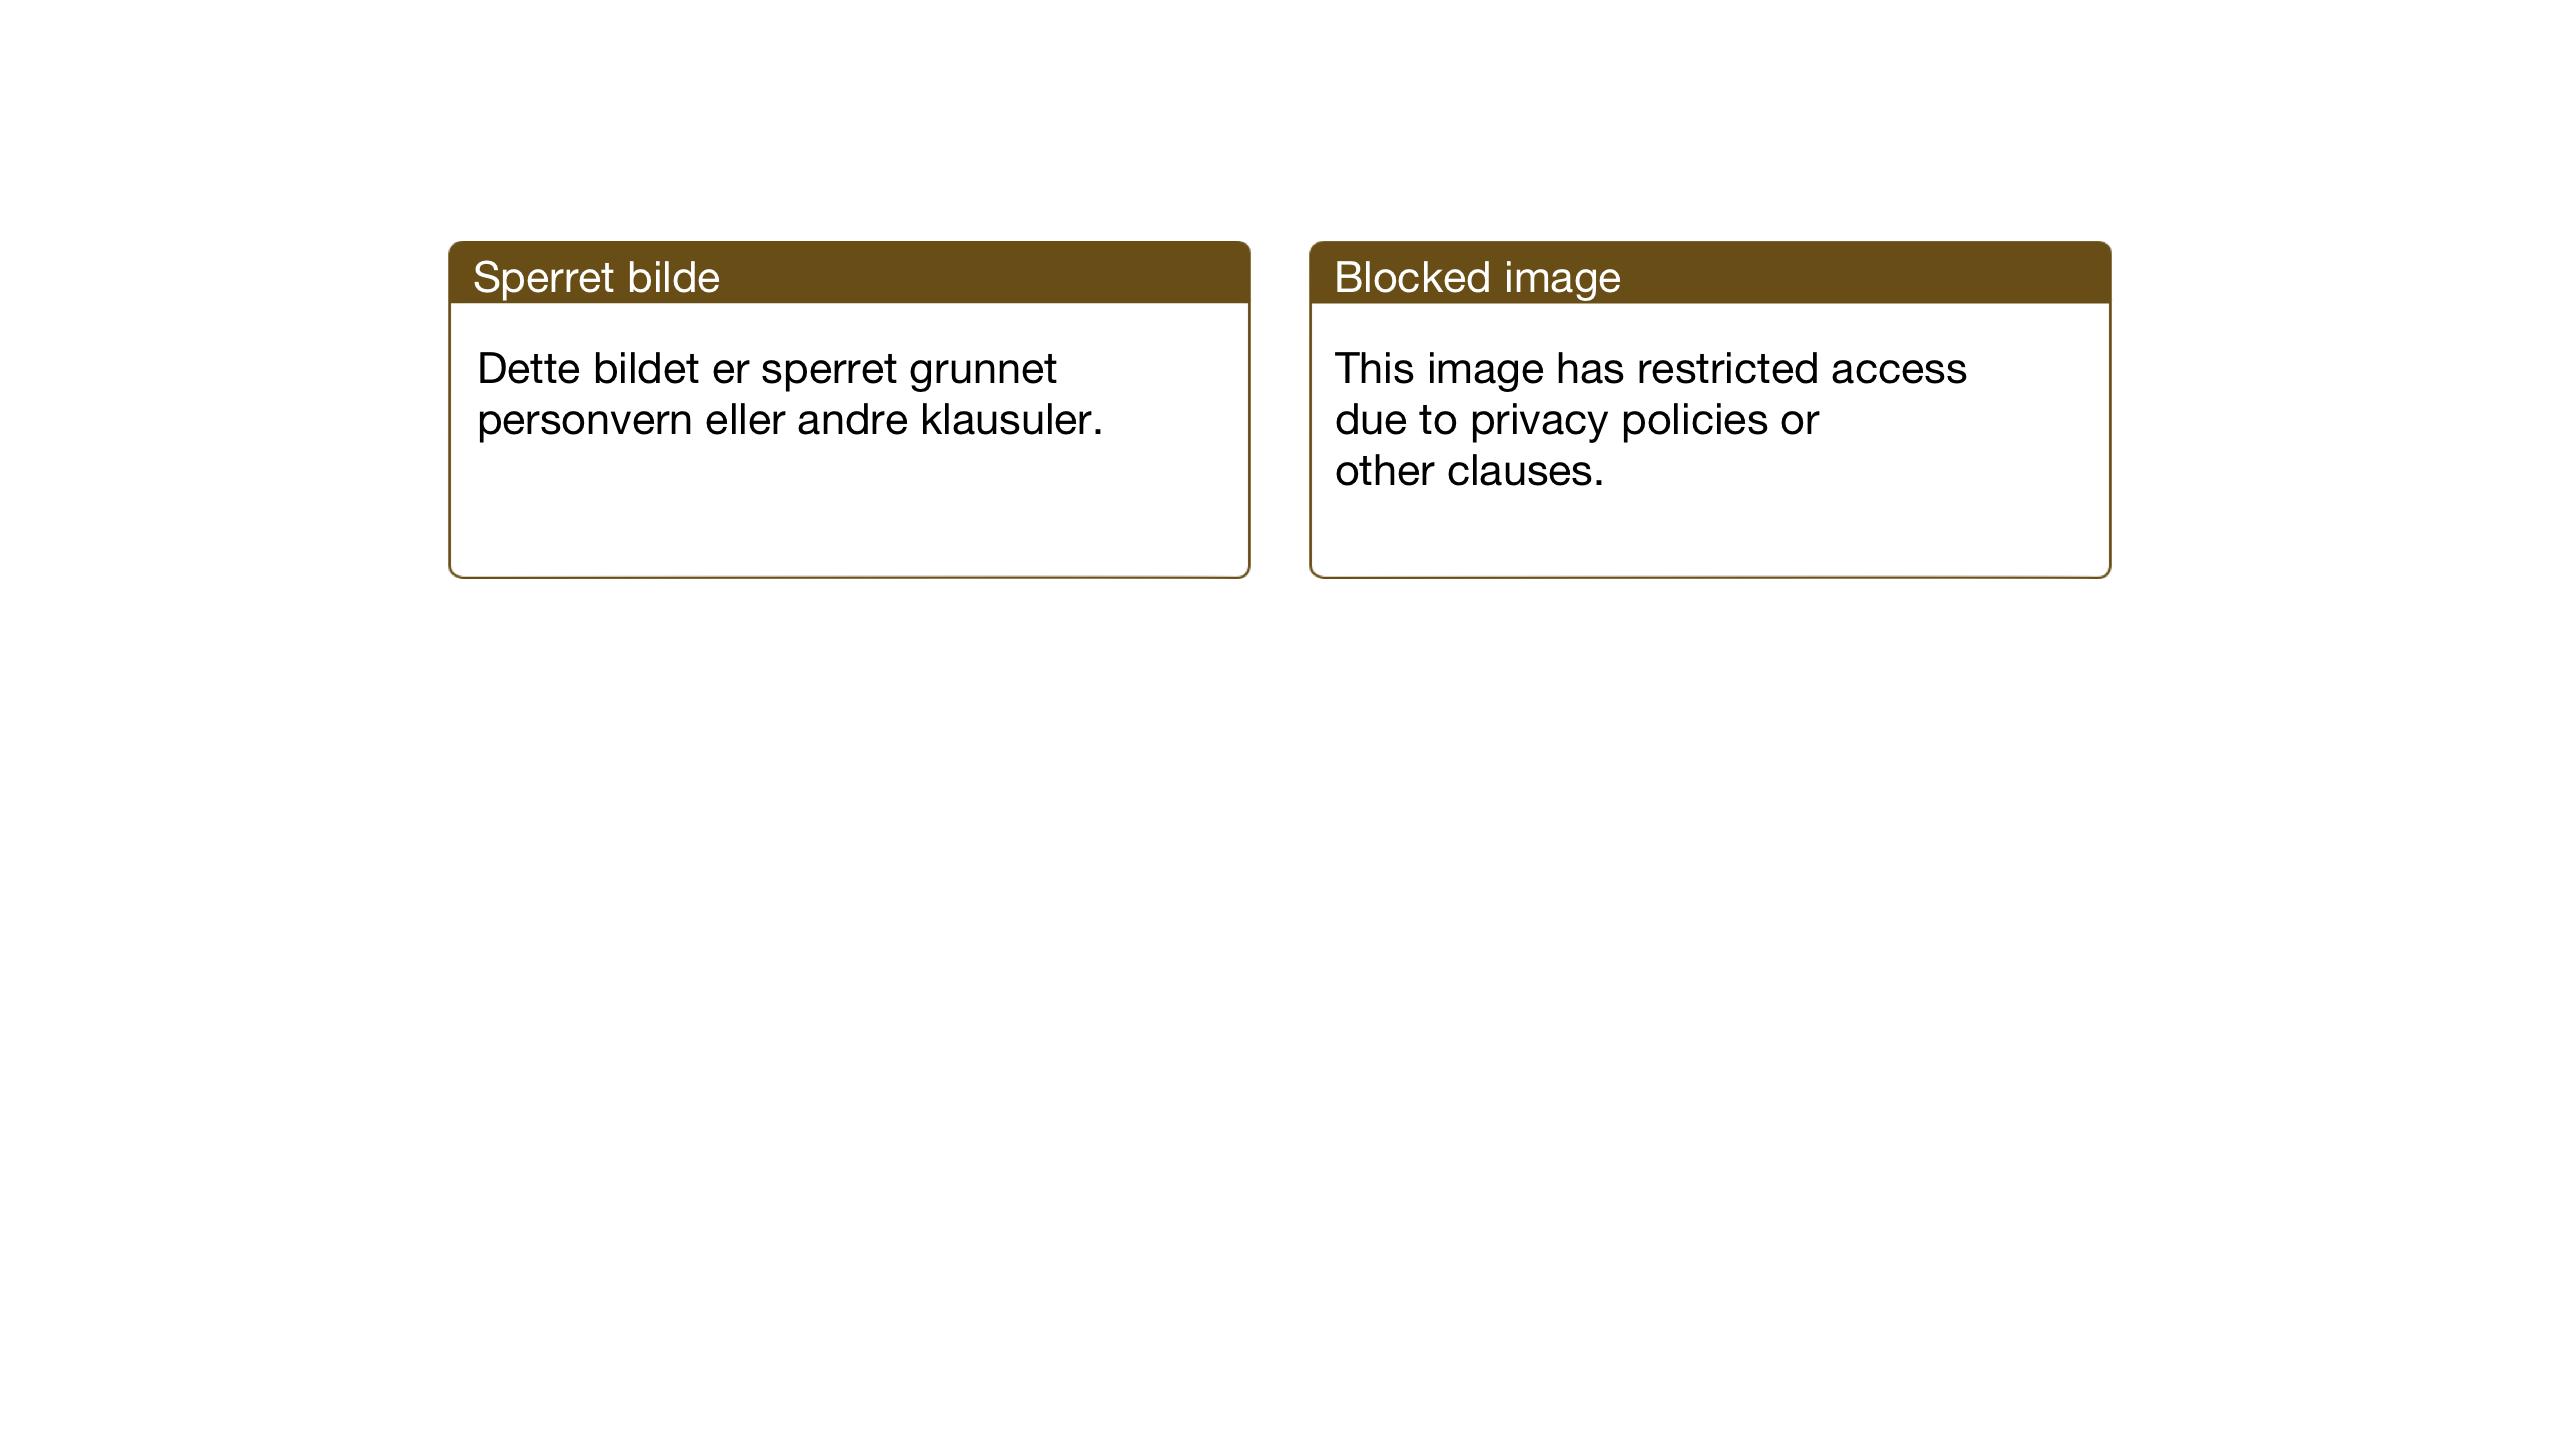 SAT, Ministerialprotokoller, klokkerbøker og fødselsregistre - Nord-Trøndelag, 757/L0507: Klokkerbok nr. 757C02, 1923-1939, s. 29